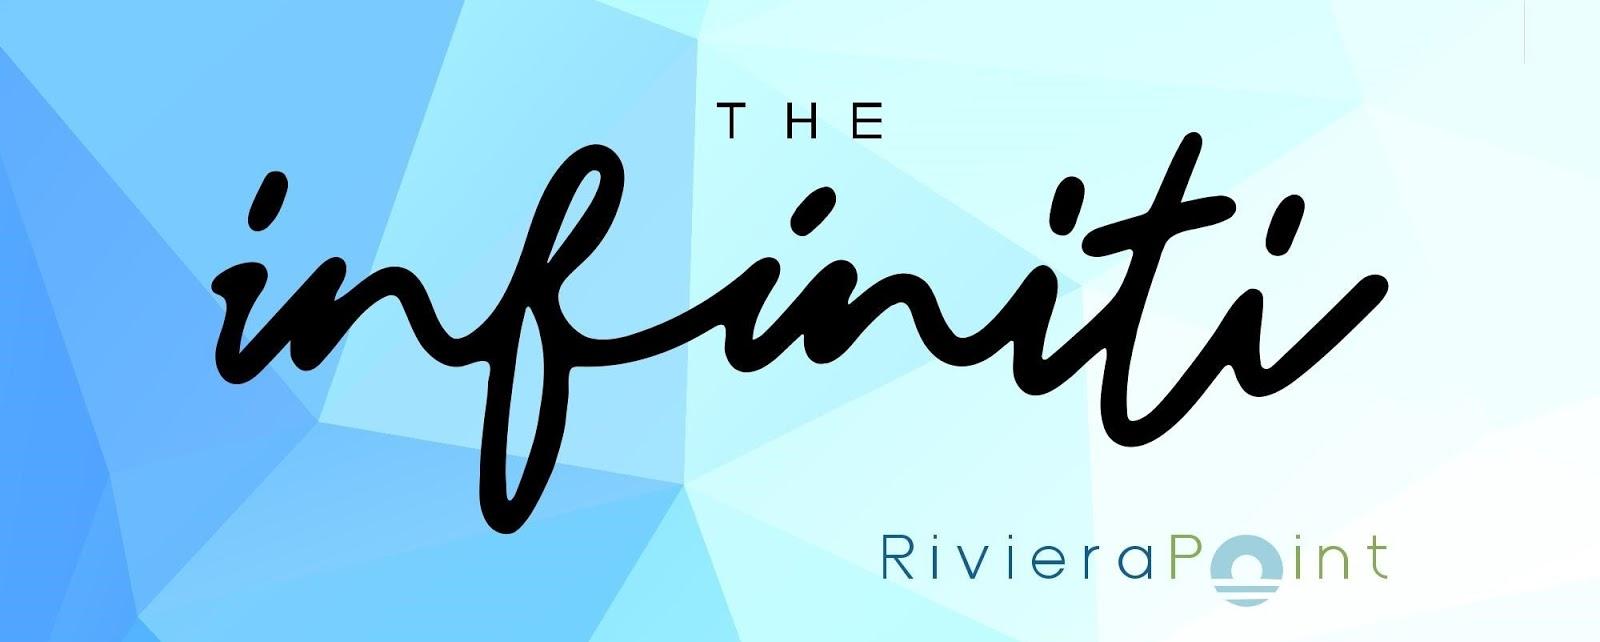 Tổng Quan Căn Hộ The Infiniti Riviera Point Quân 7